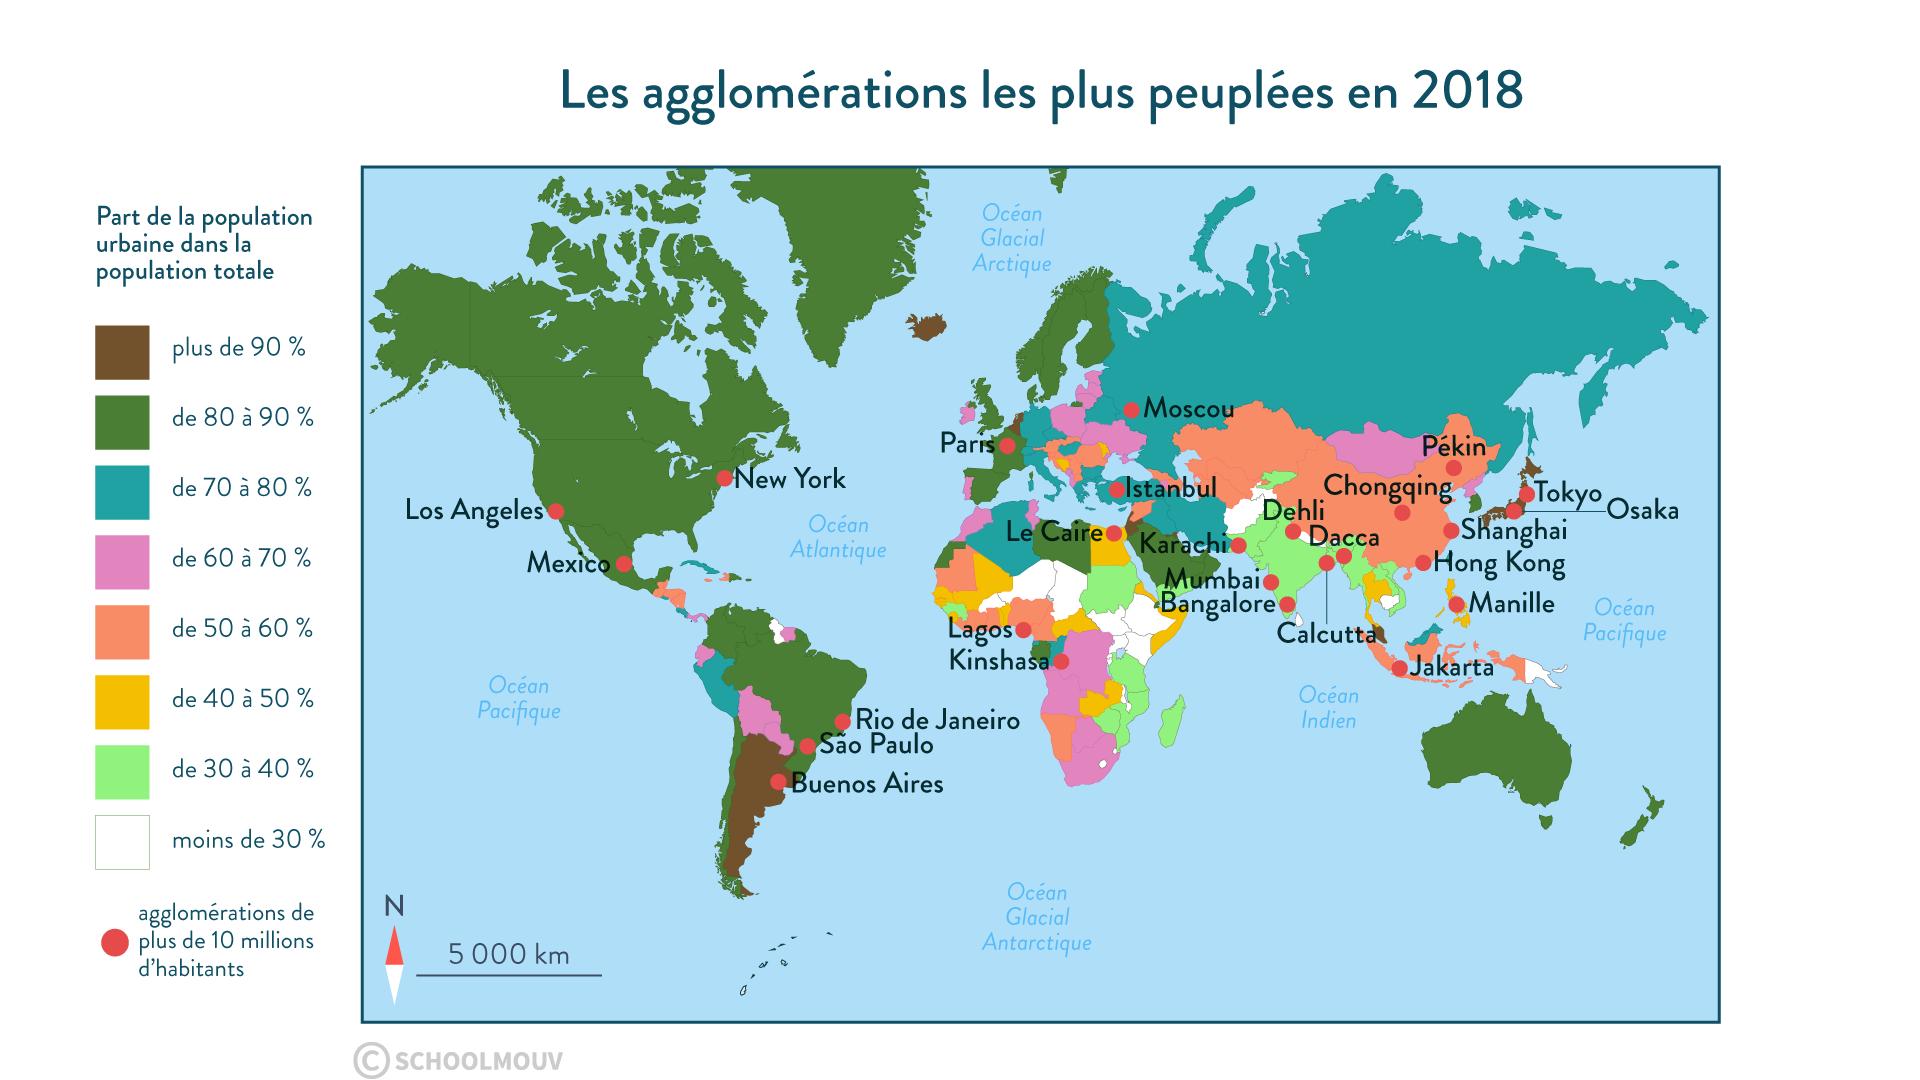 Les agglomérations les plus peuplées en 2018 - géographie - 1re - SchoolMouv